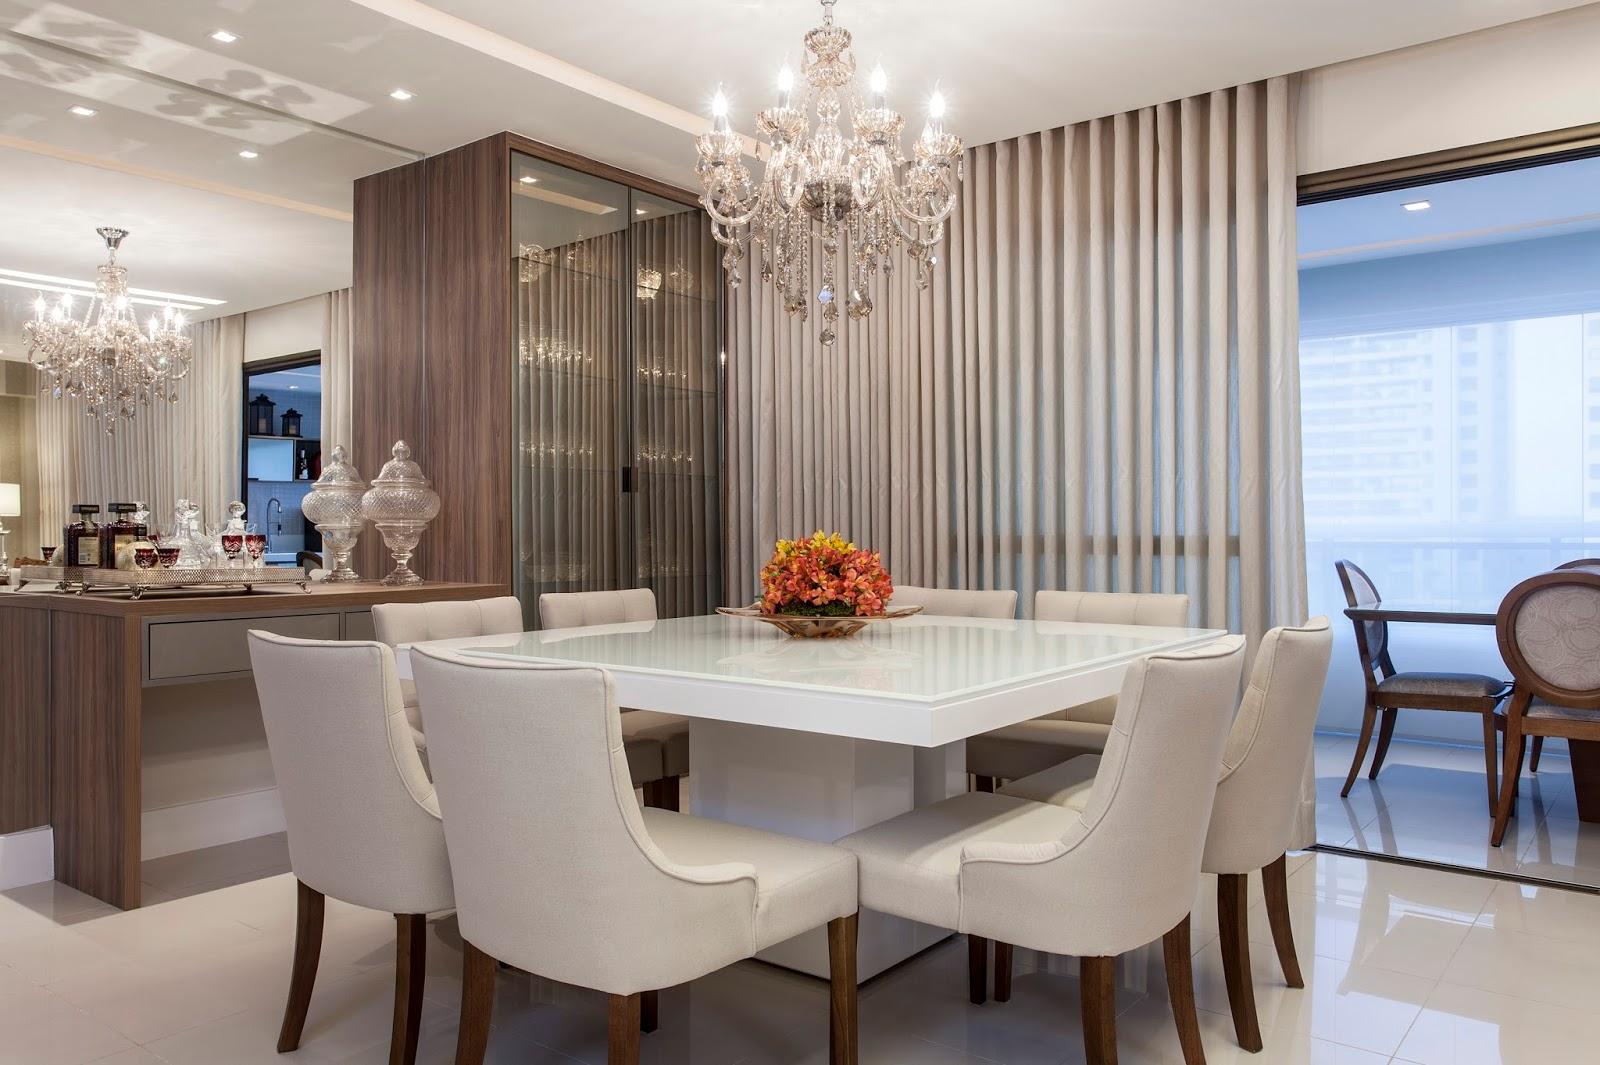 #385D93 23 Salas de Jantar com Lustres Clássicos Suntuosos Encante se! 1600x1065 píxeis em Decoração Para Sala De Jantar Com Papel De Parede